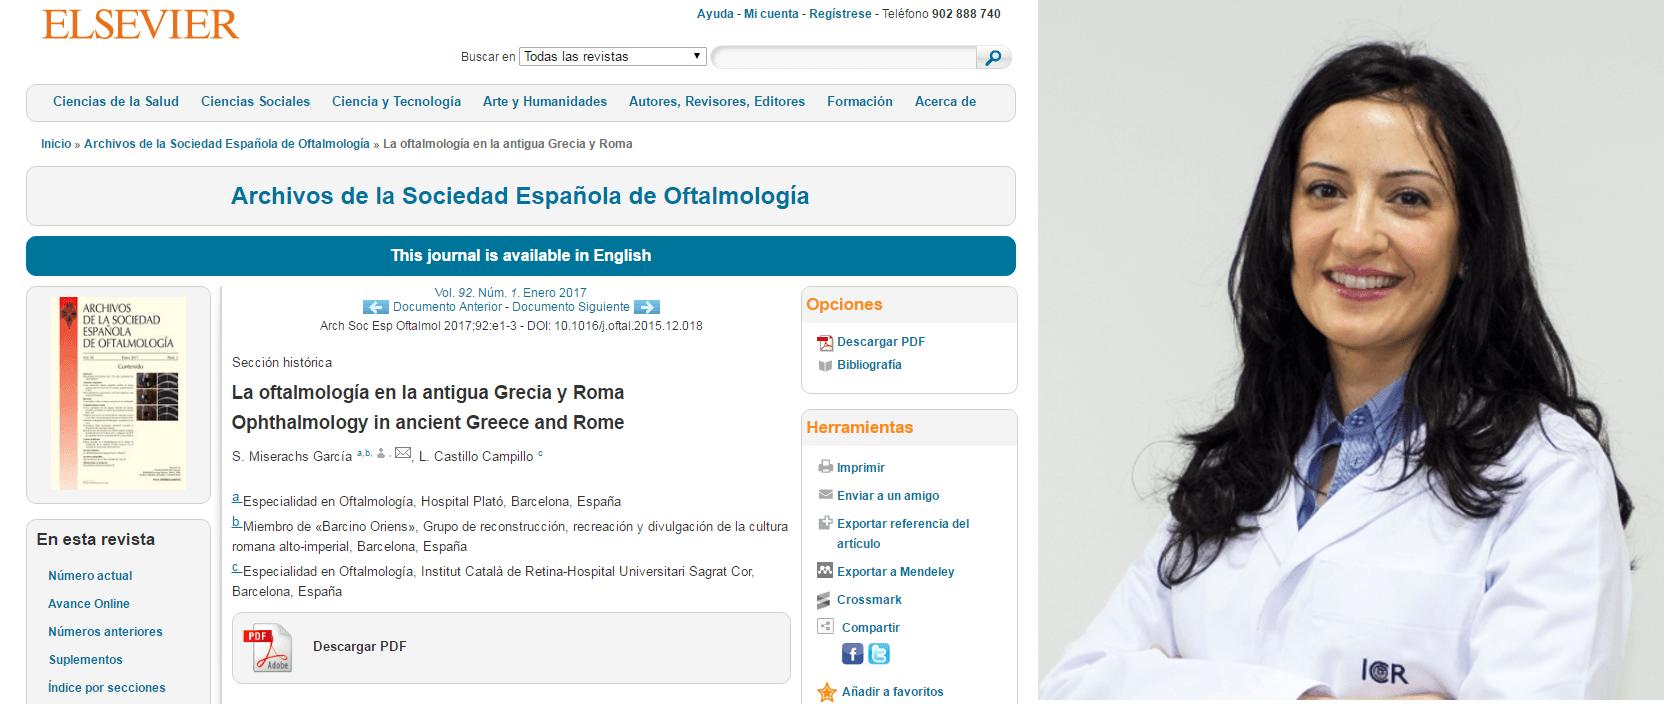 La Dra. Castillo, coautora d'un article sobre l'oftalmologia a l'antiga Grècia i Roma